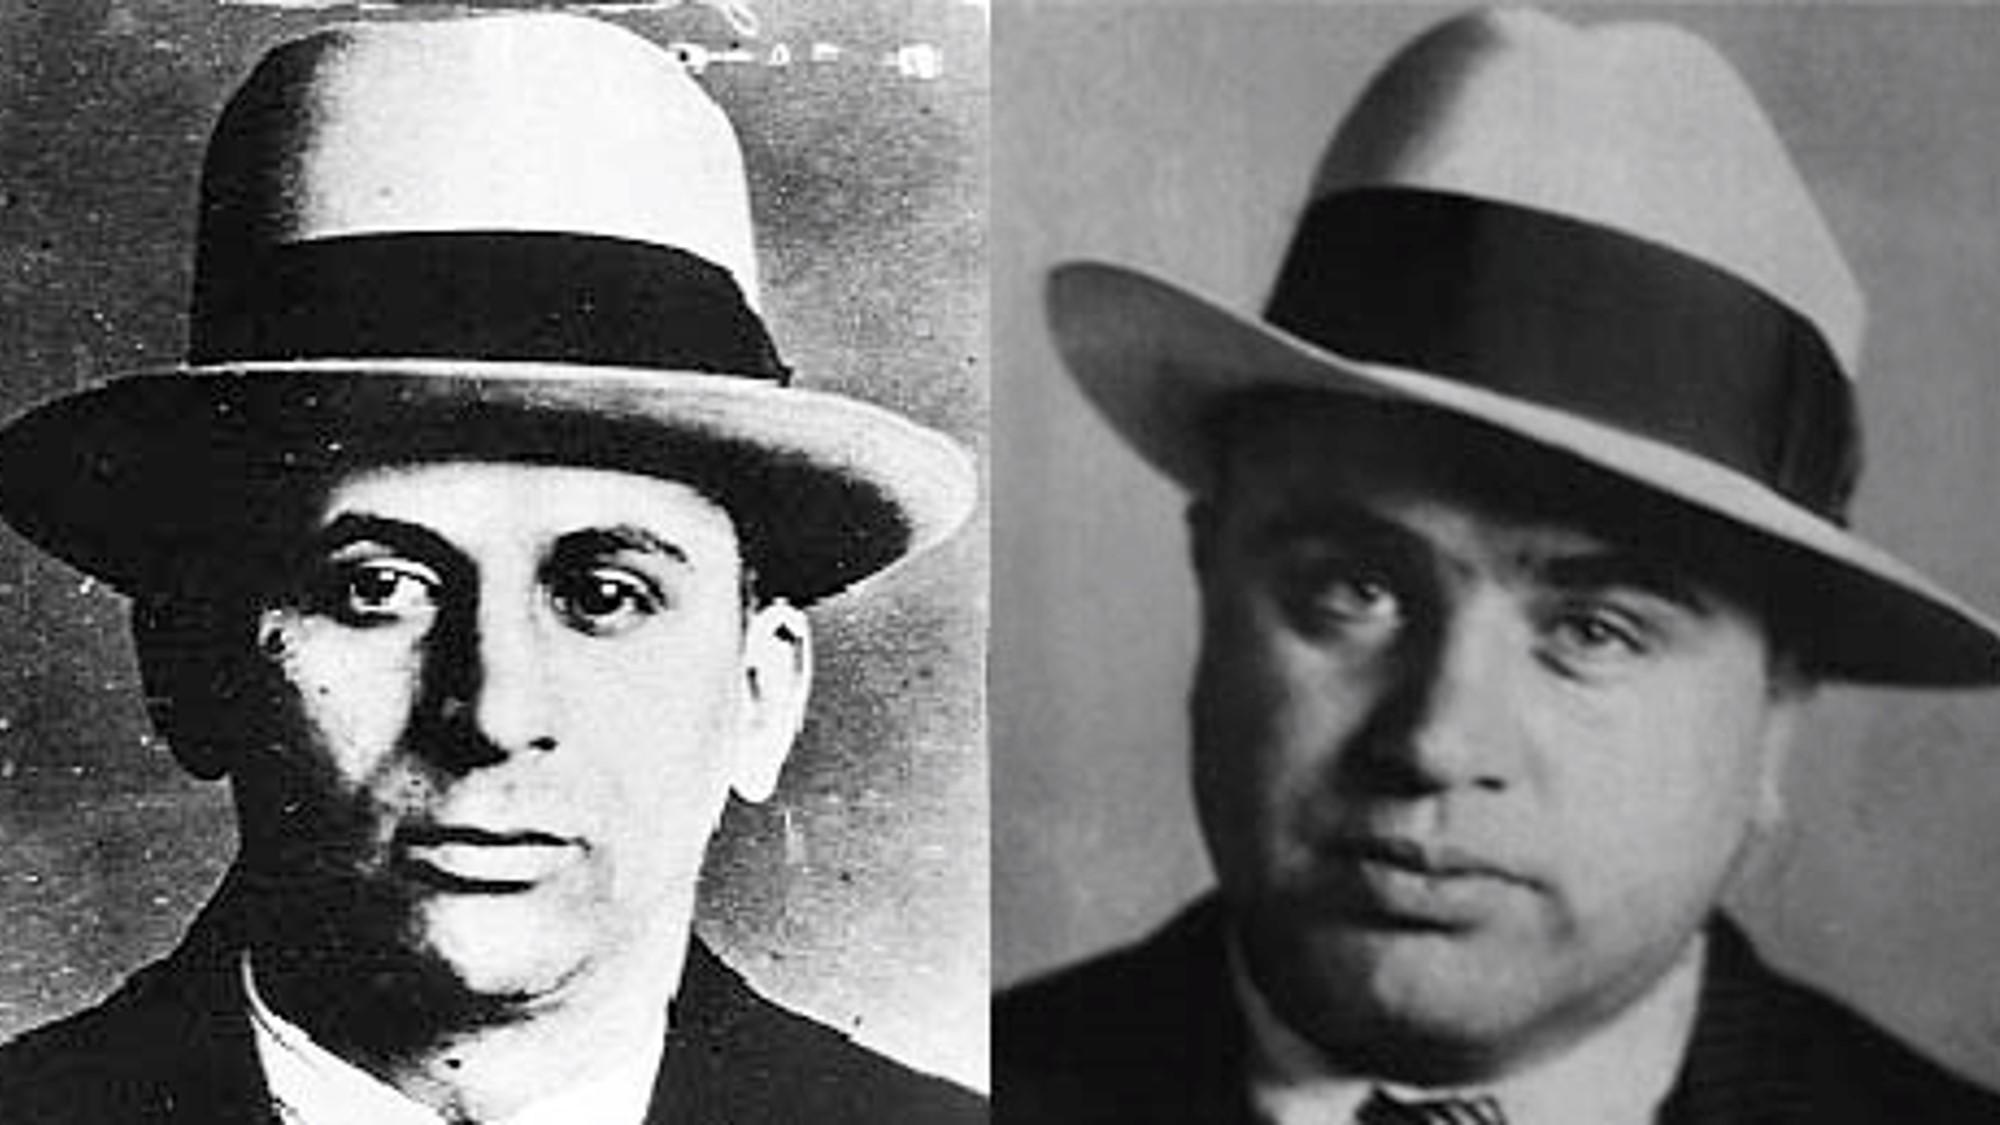 Una pistola de Bugsy Siegel, los diarios de Meyer Lansky y una carta de Al Capone, entre los objetos de mafiosos que se expondrán en Las Vegas